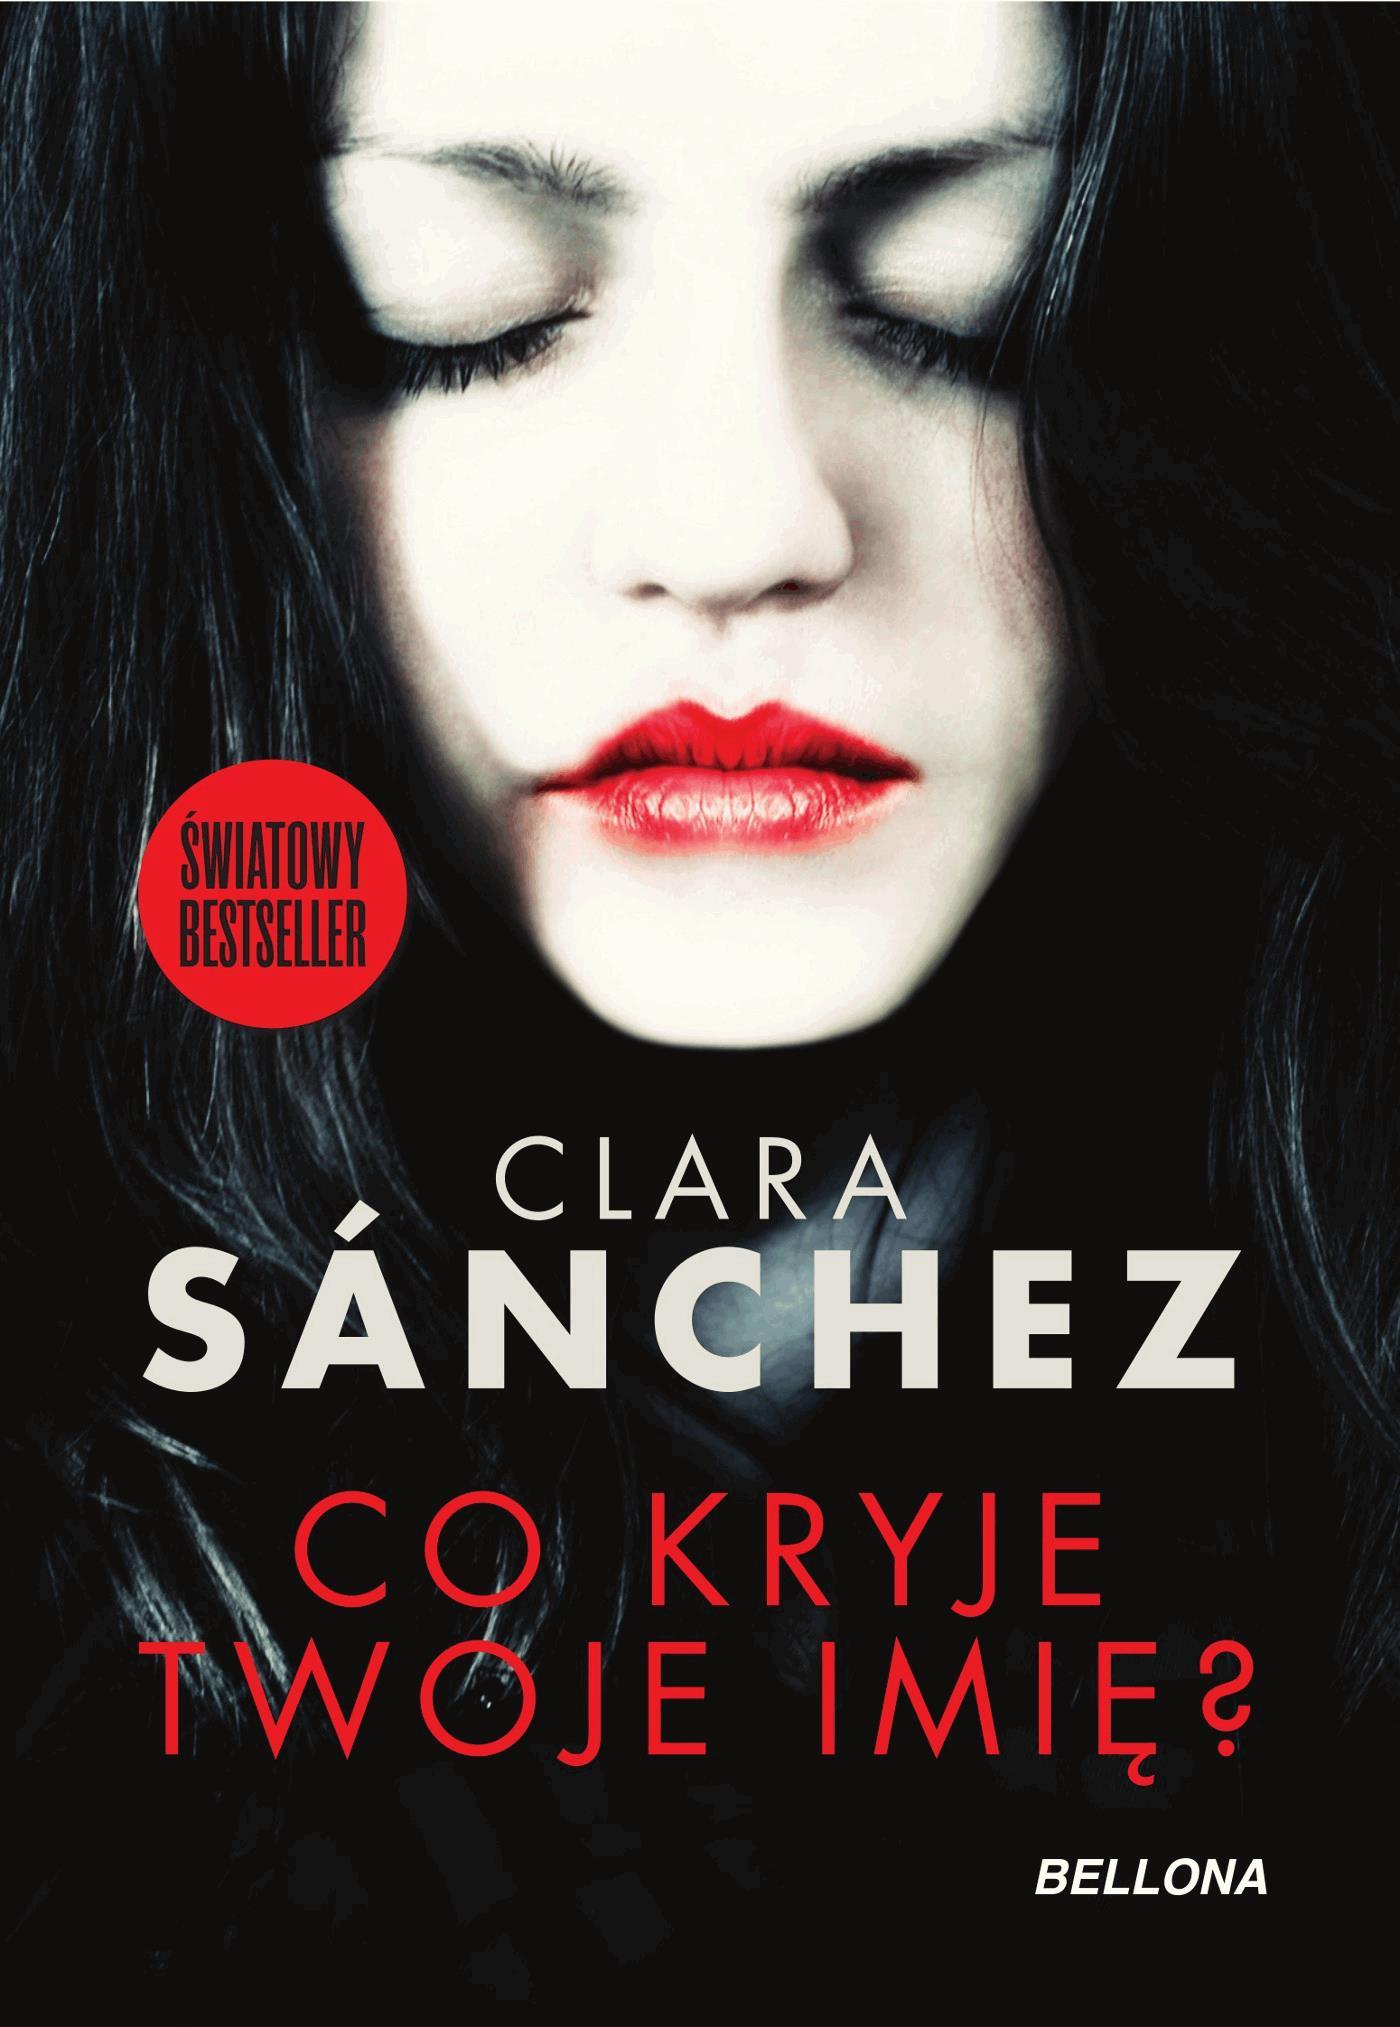 Co kryje twoje imię? - Tylko w Legimi możesz przeczytać ten tytuł przez 7 dni za darmo. - Clara Sanchez